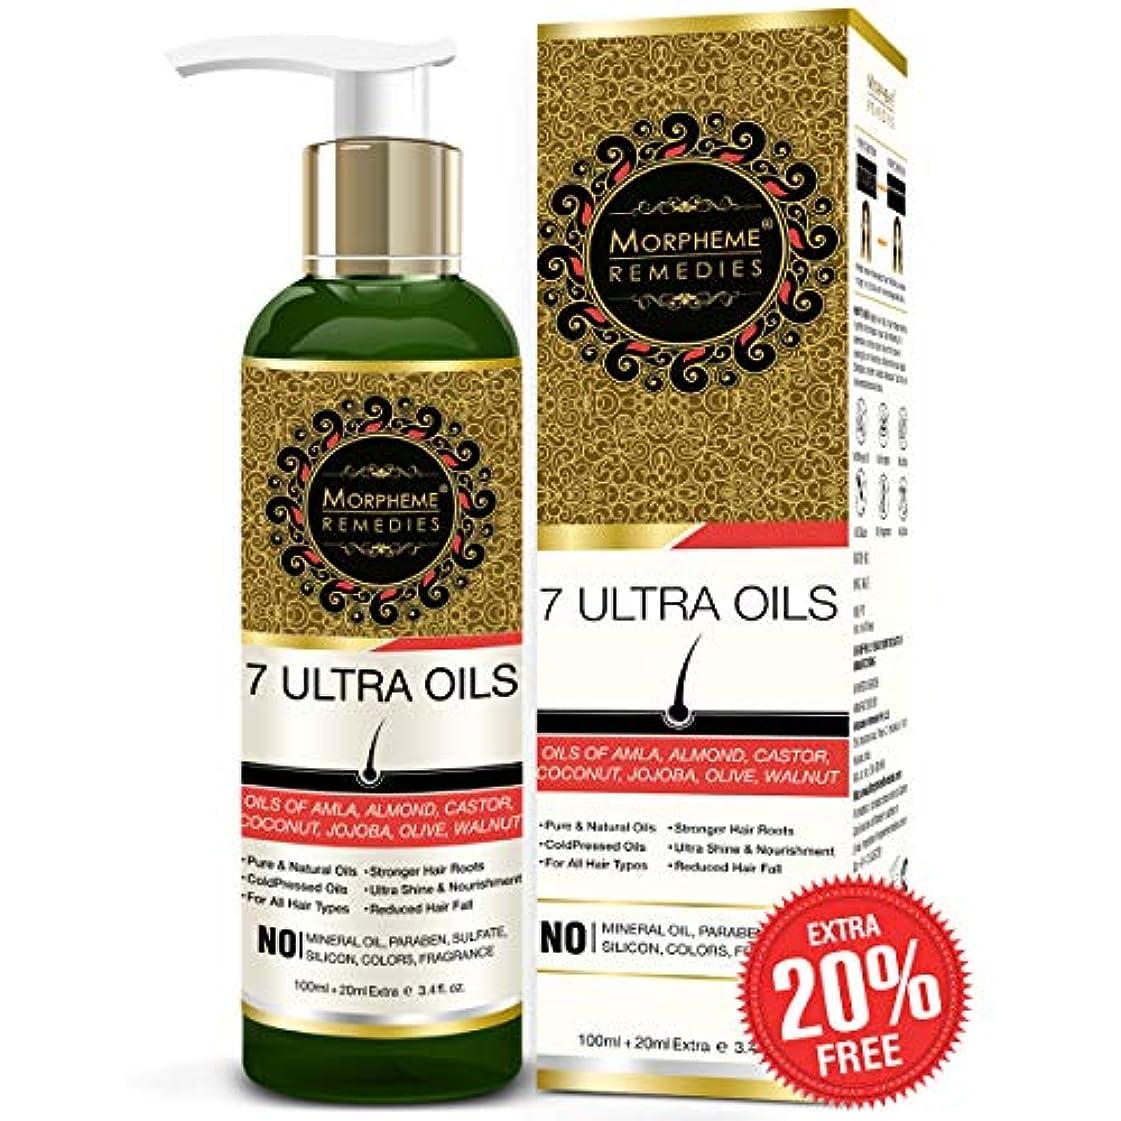 航海の登場しっかりMorpheme Remedies 7 Ultra Hair Oil - (Almond, Castor, Jojoba, Coconut, Olive, Walnut, Amla Oils) - 120 ml